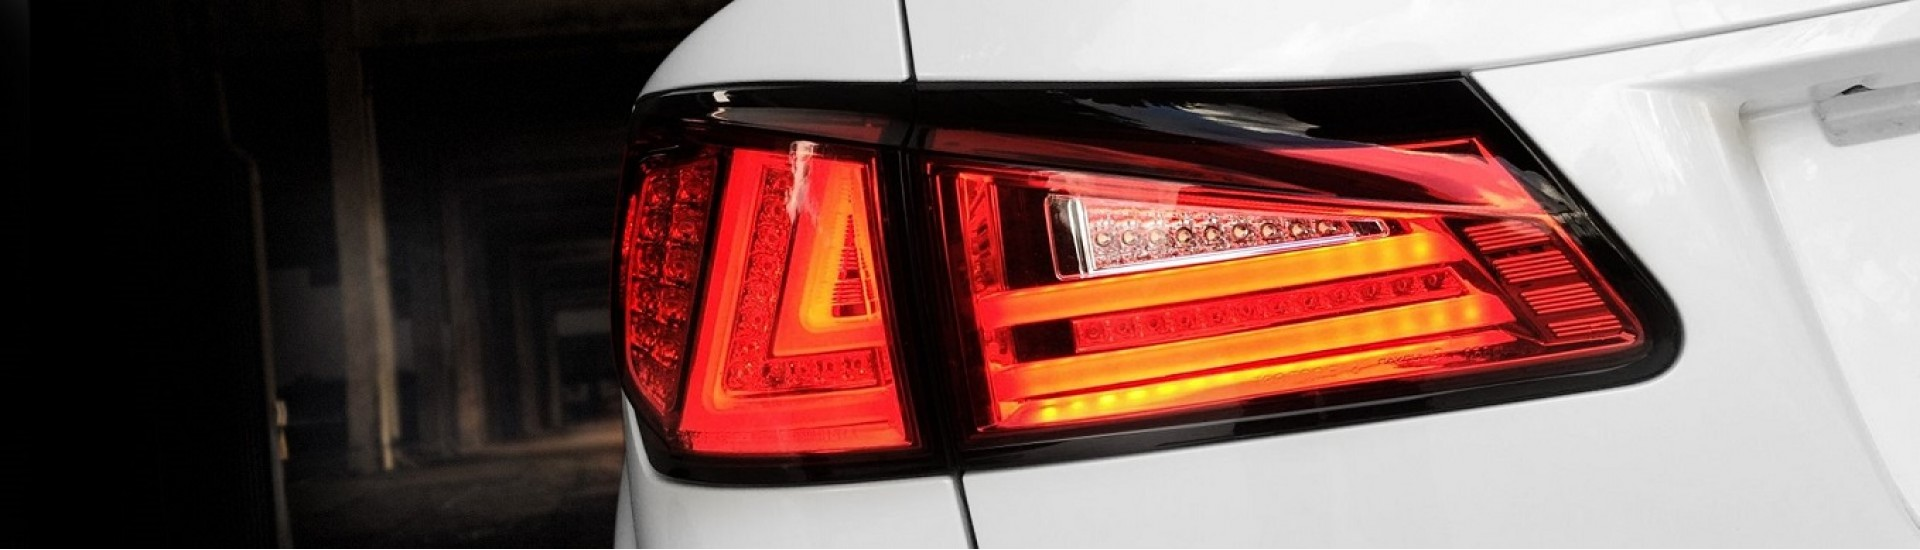 چراغ خطر عقب ، قیمت چراغ خطر عقب  ، tail lights